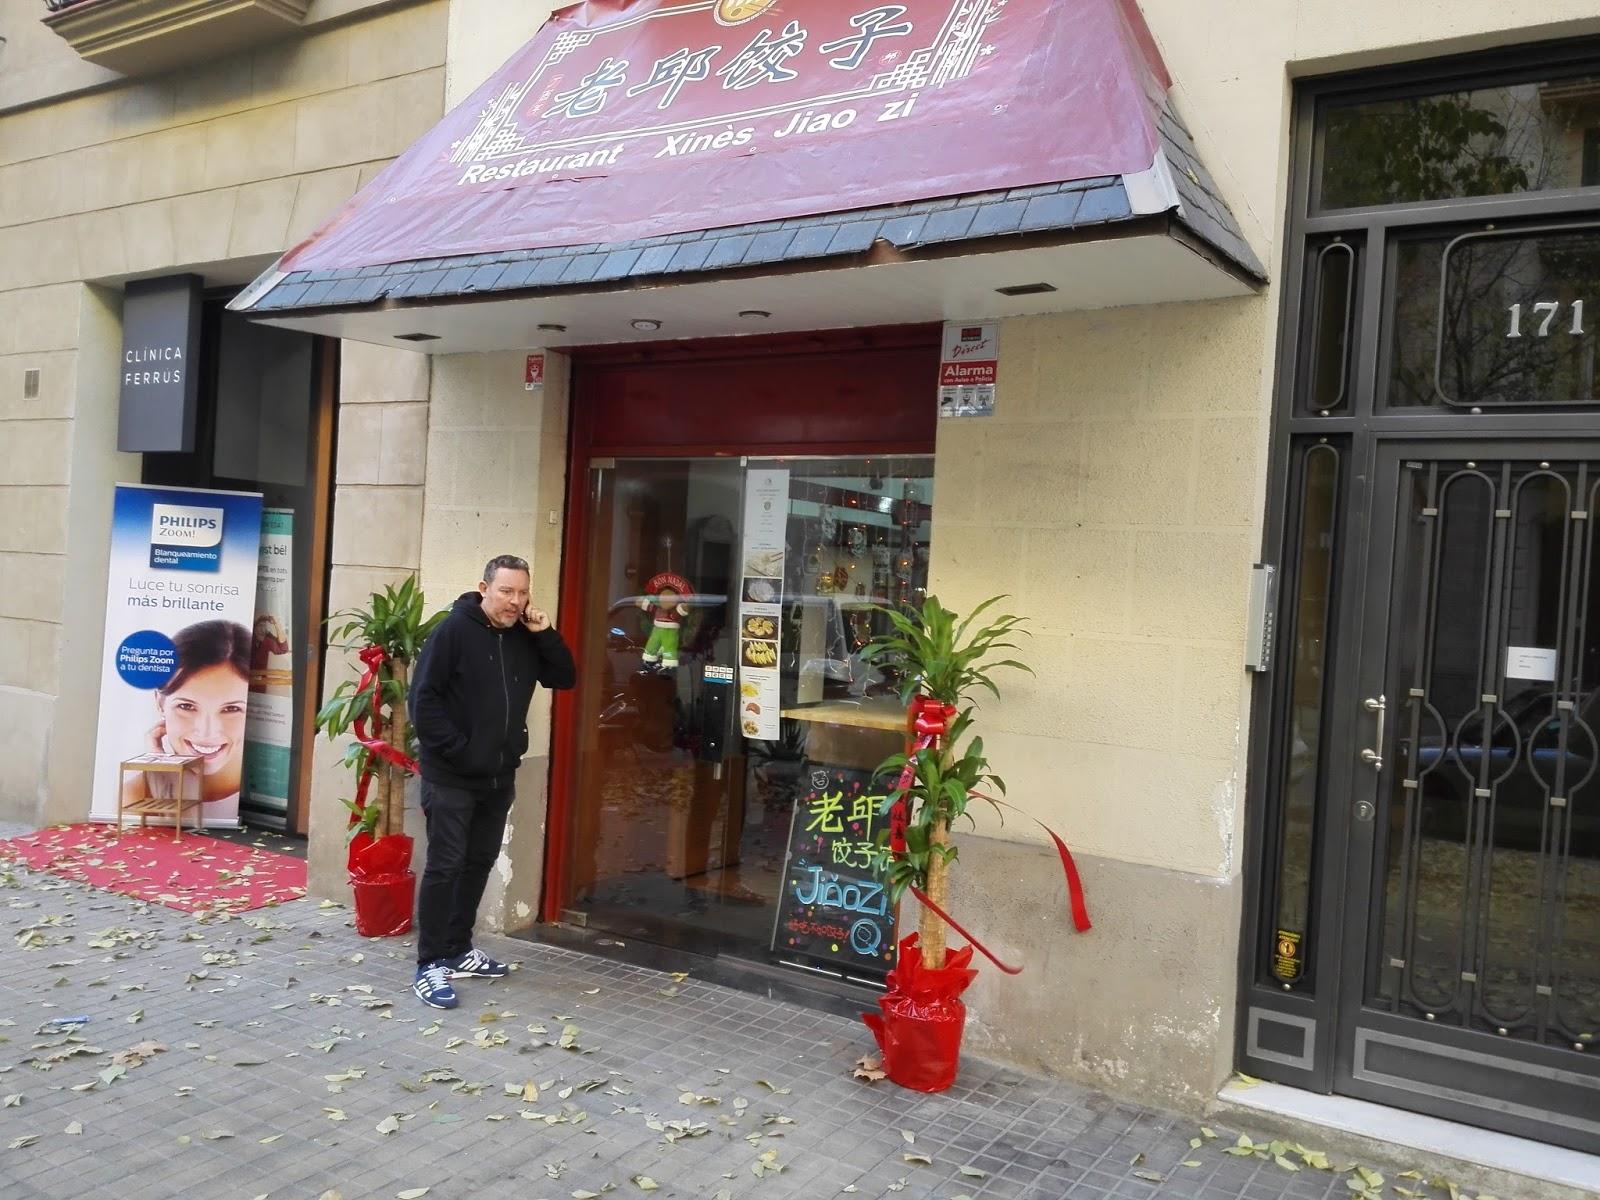 Restaurante jiao zi q barcelona la cocina de los for La cocina de los valientes